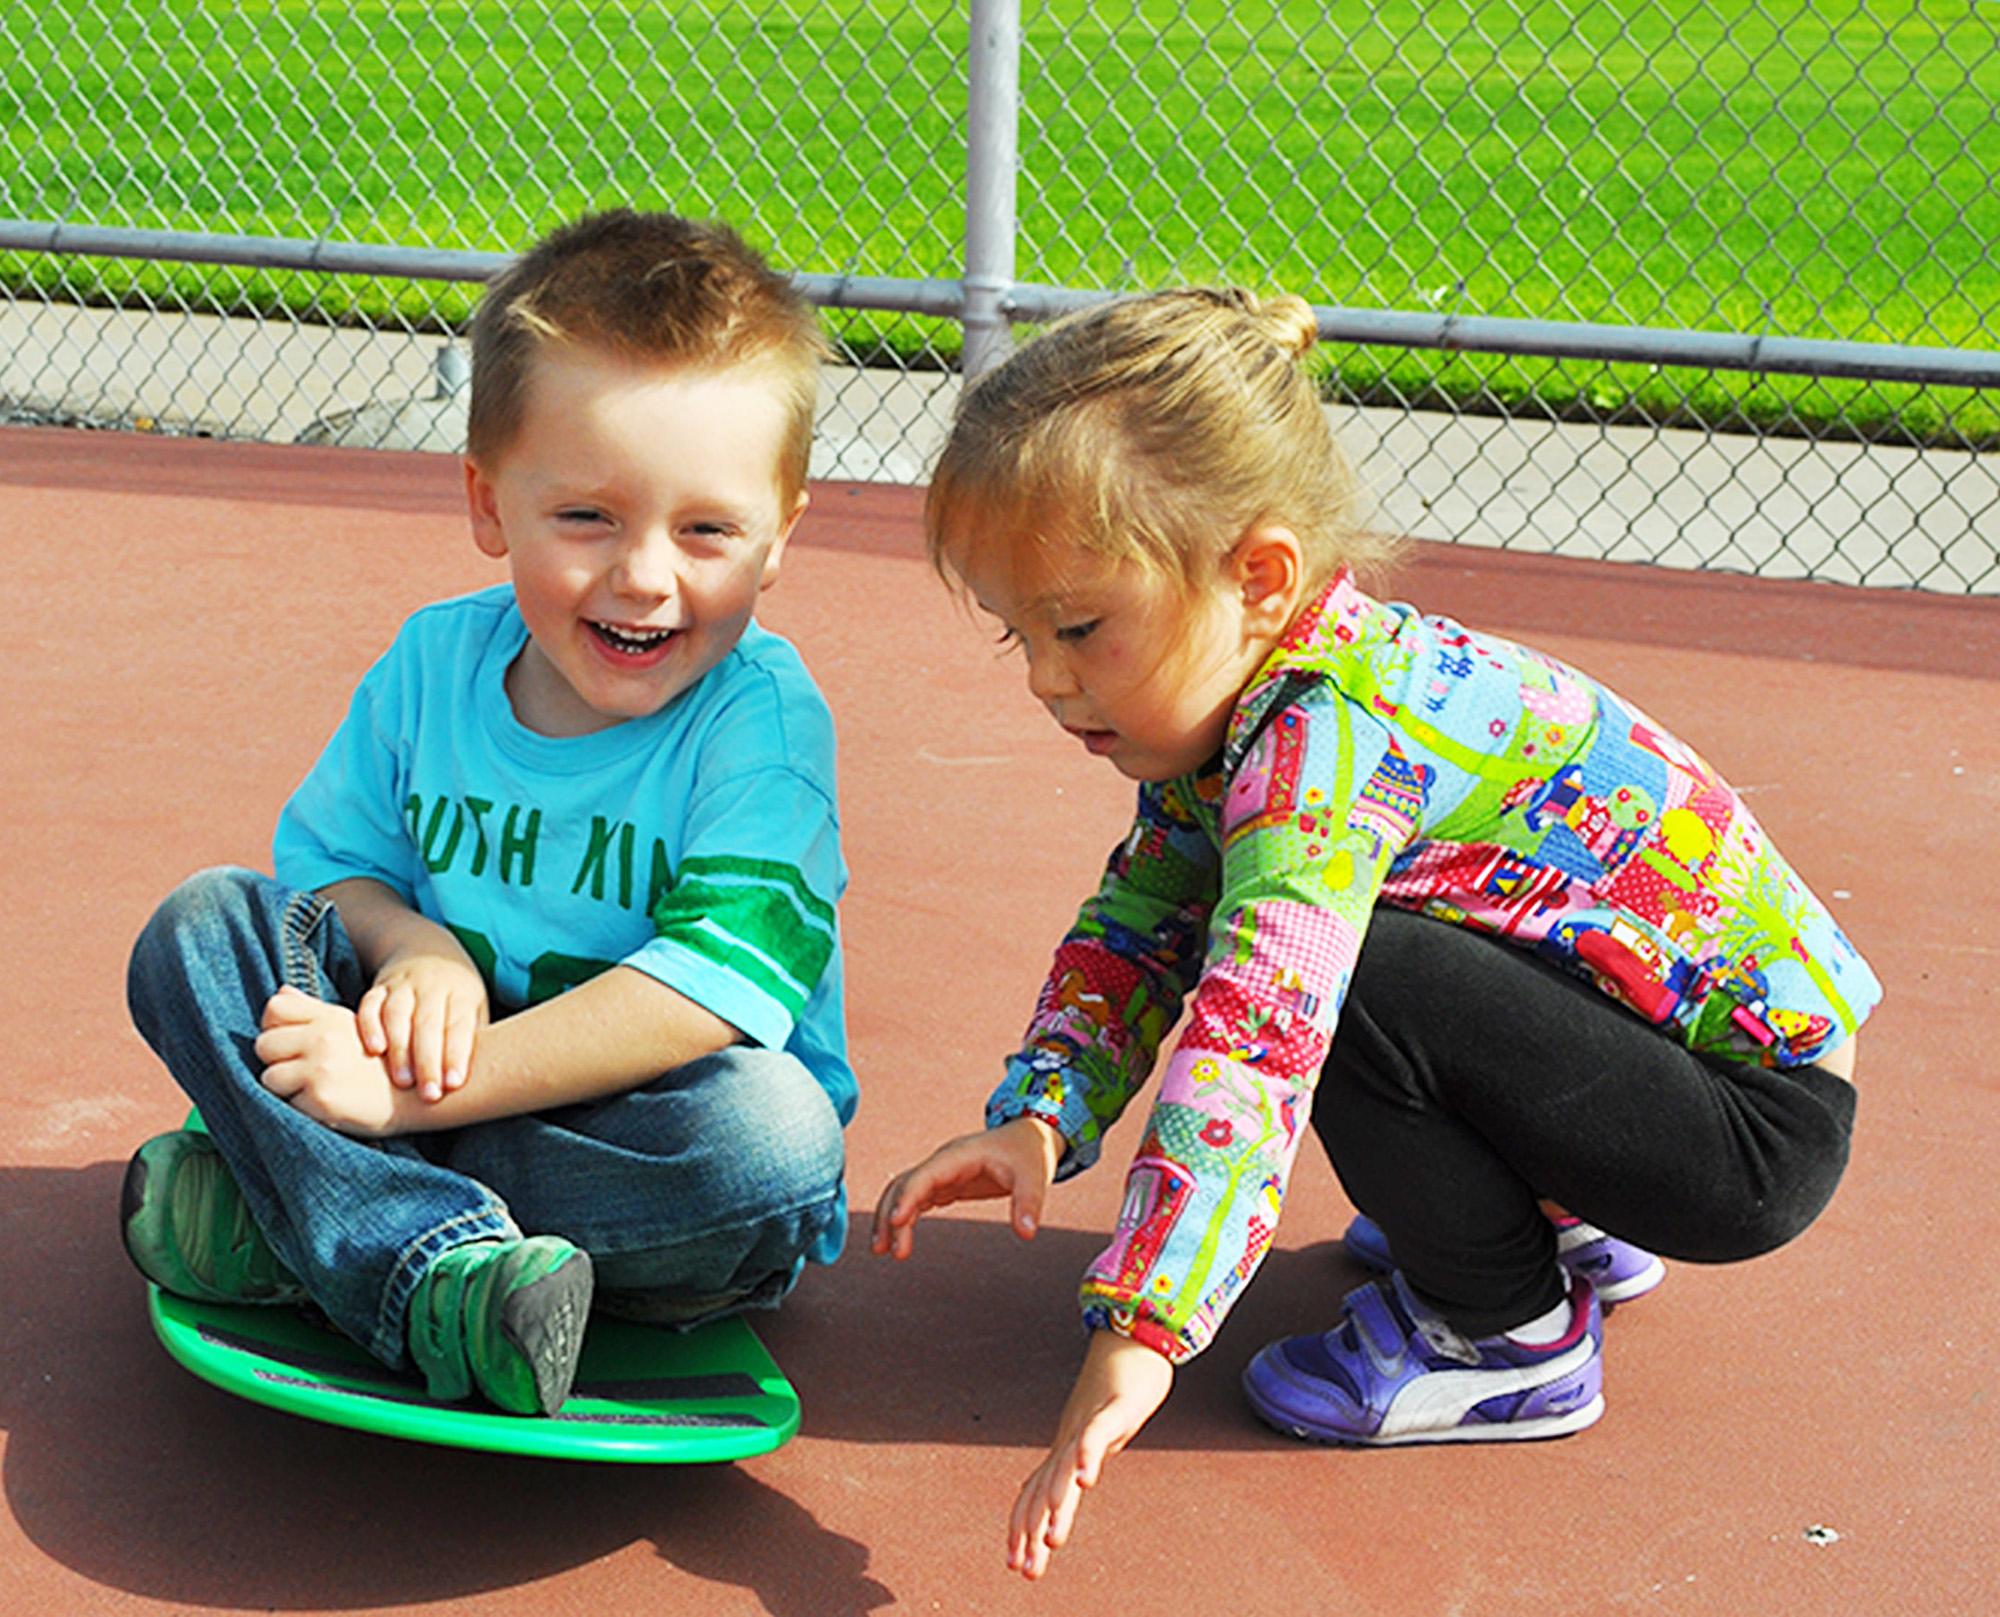 Friend helping friend Spooner Trick Sit n spin